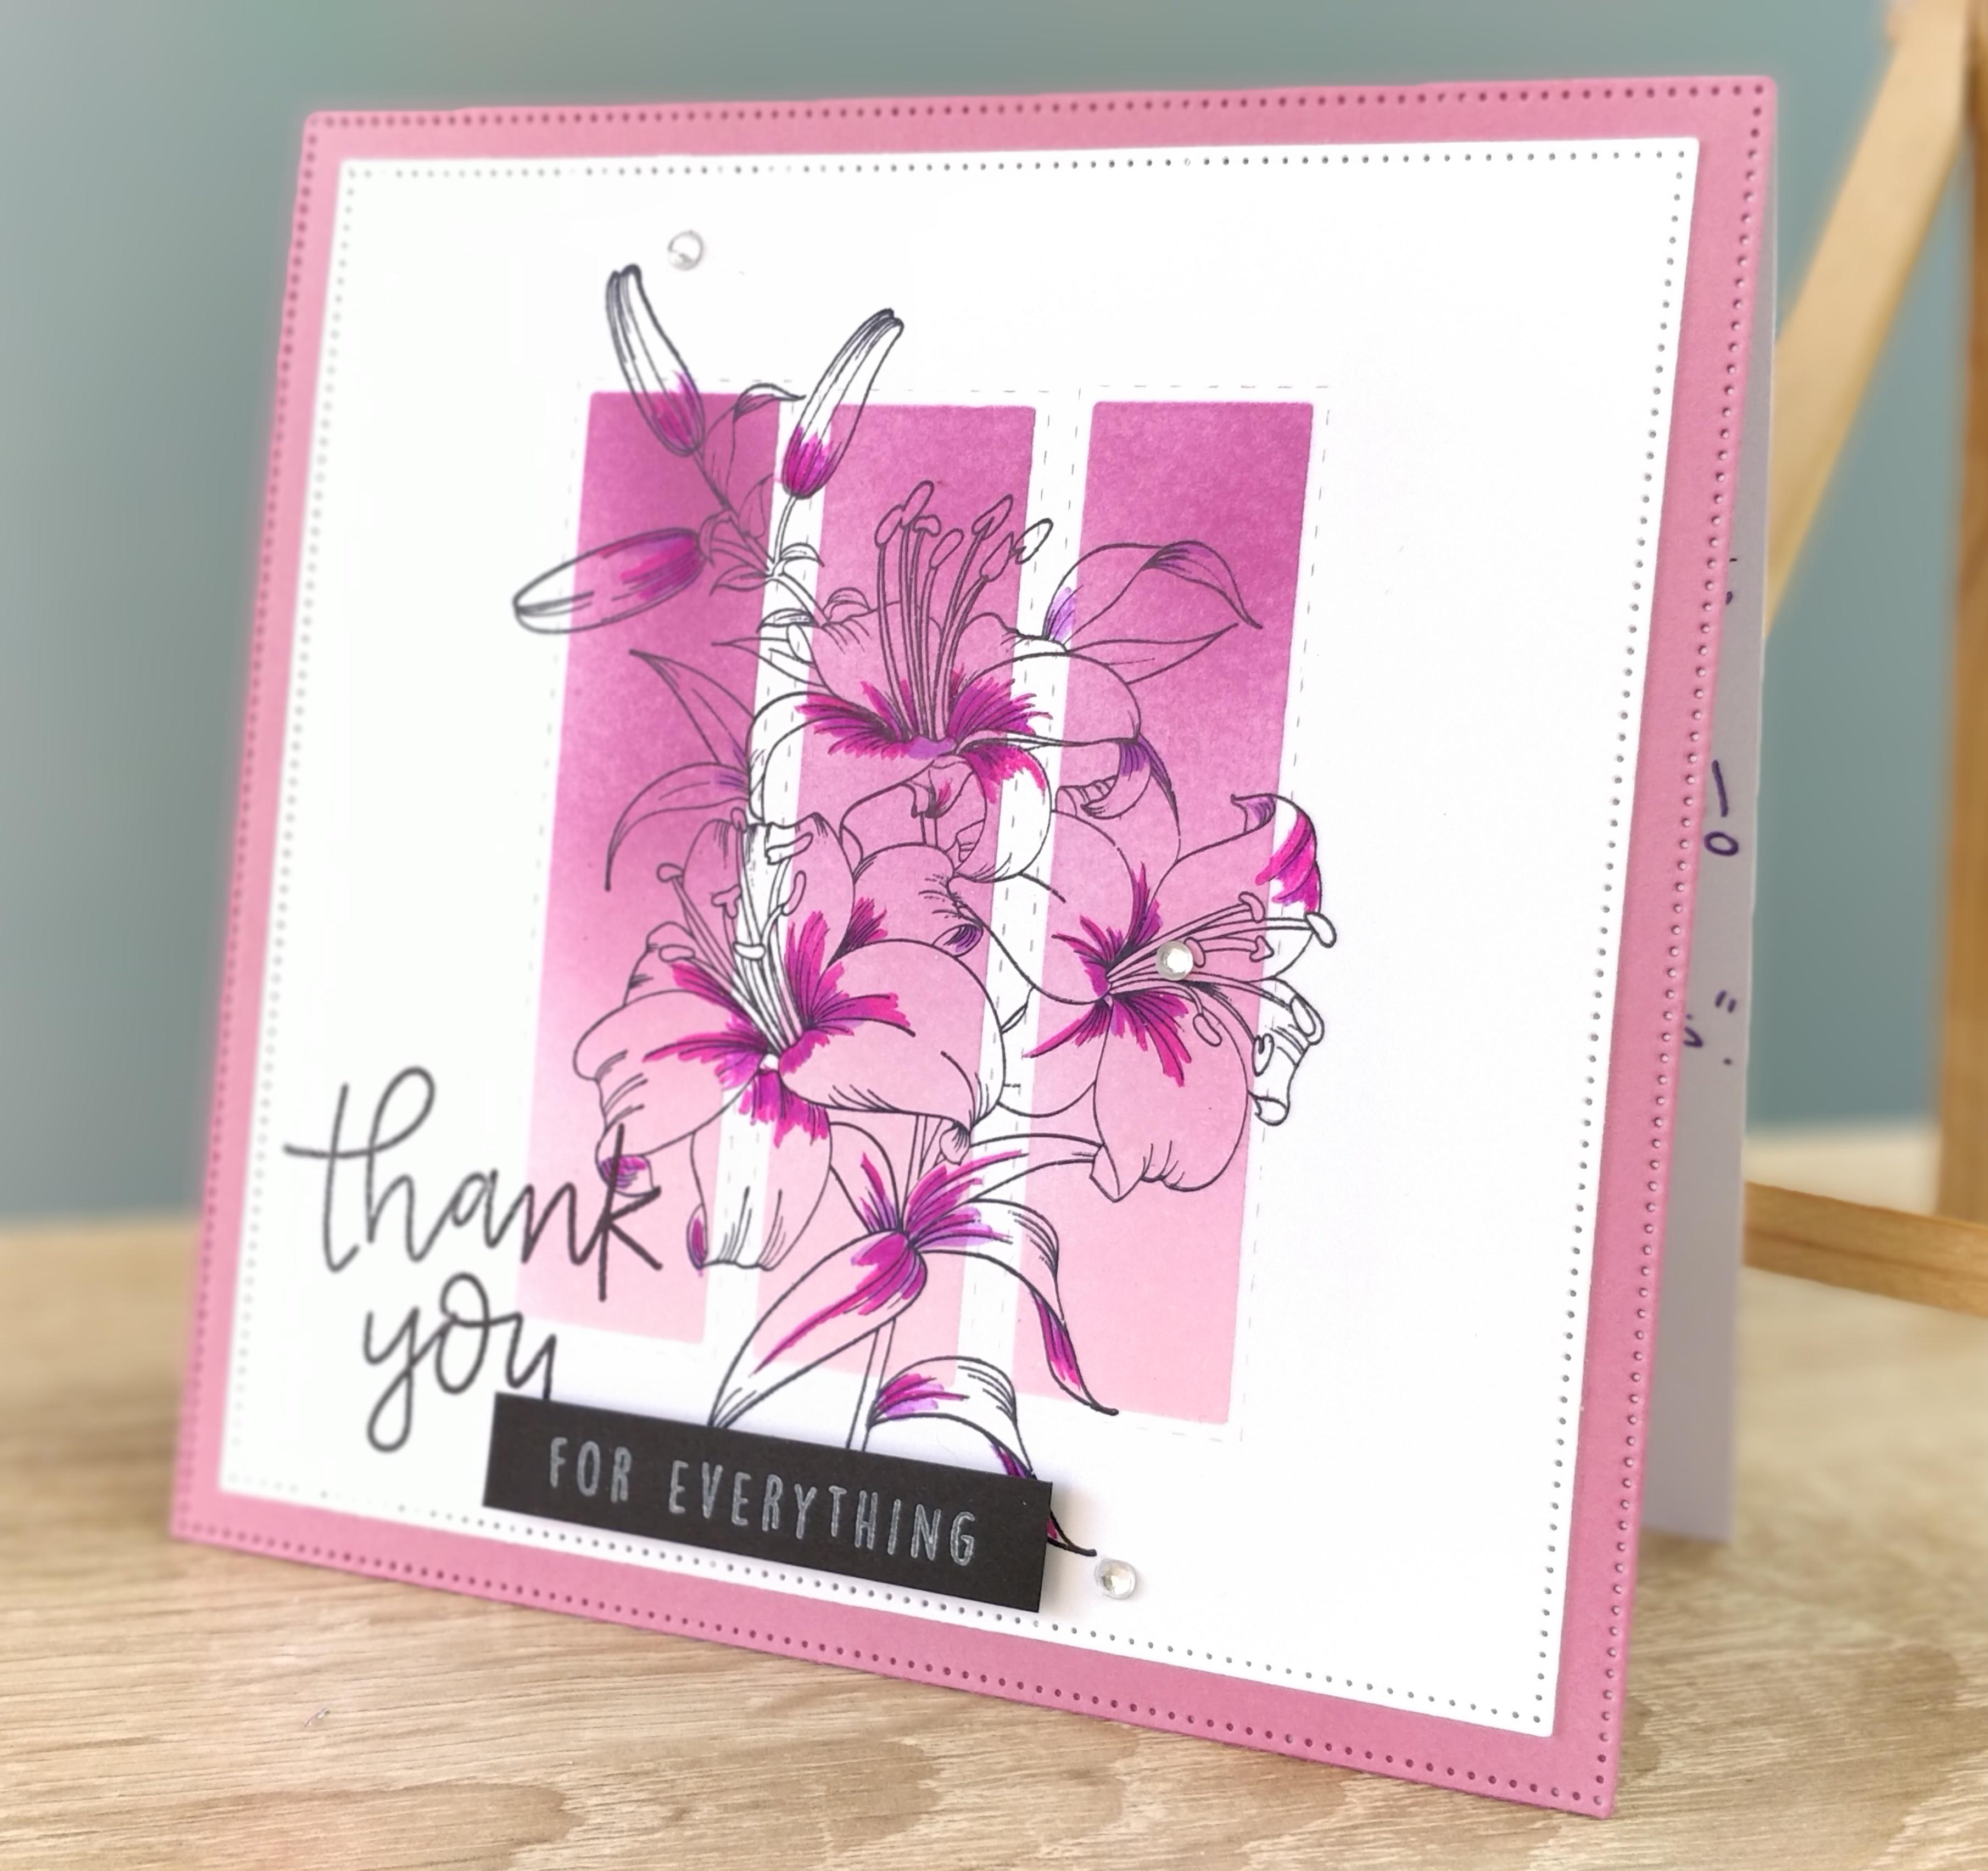 Thank You card for a teacher